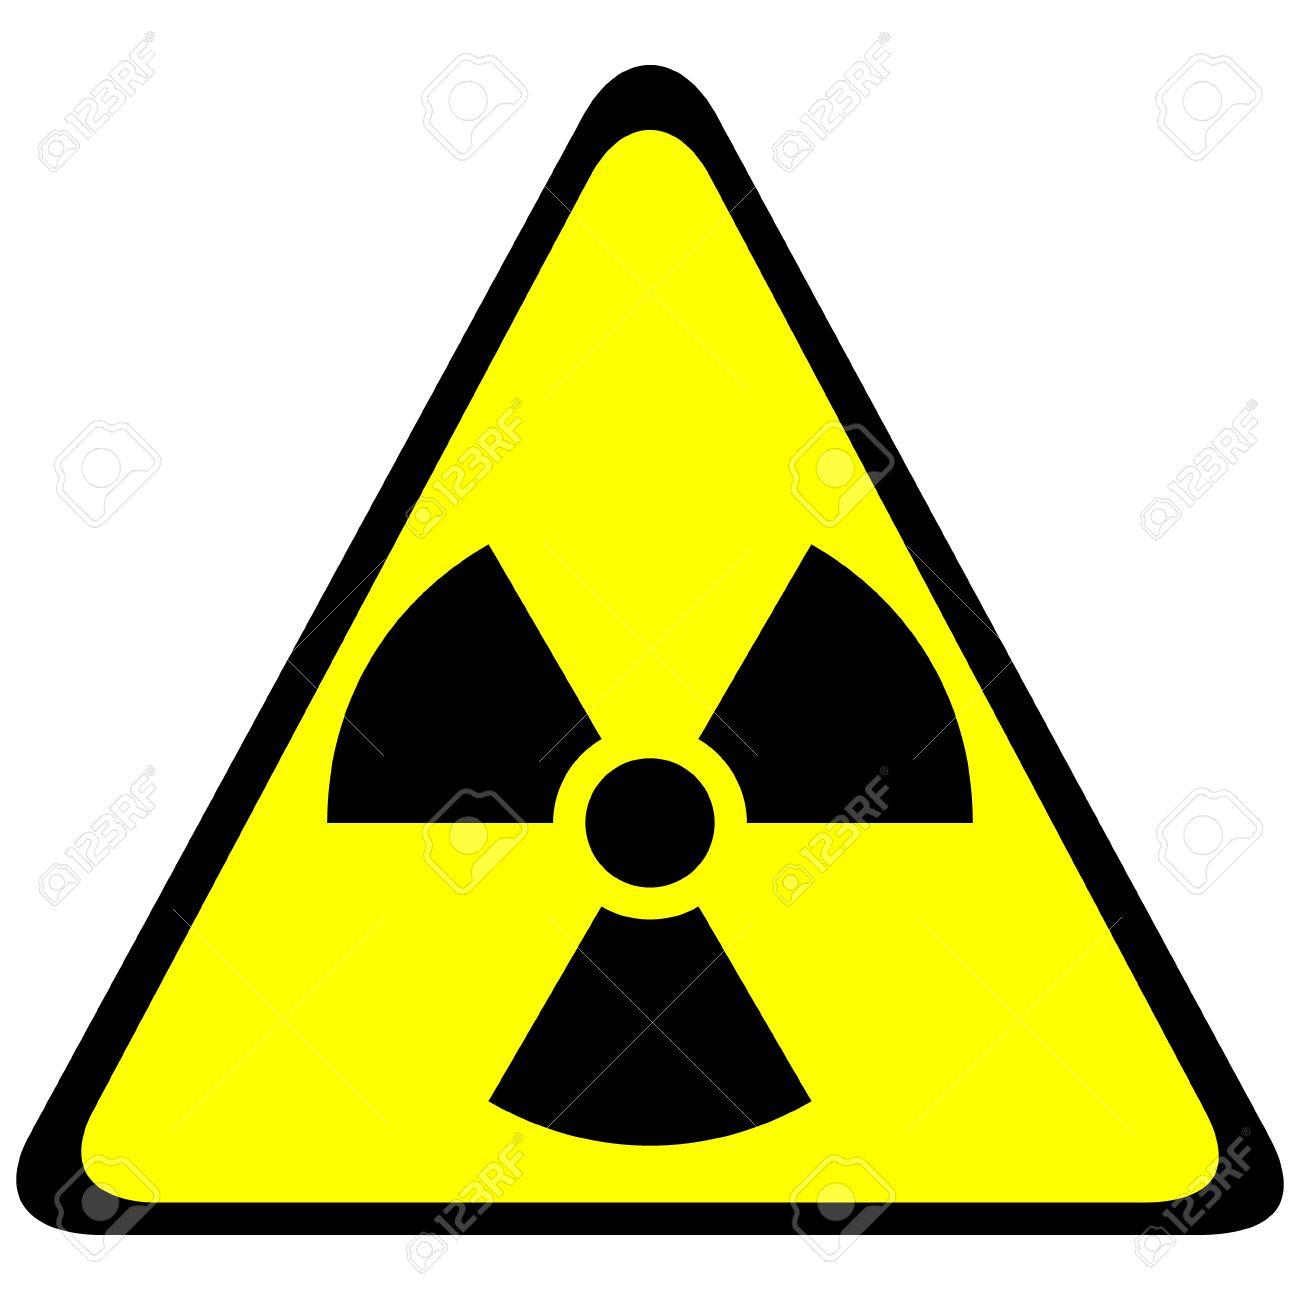 Radiation triangular sign - vector illustration. Stock Vector - 24442079